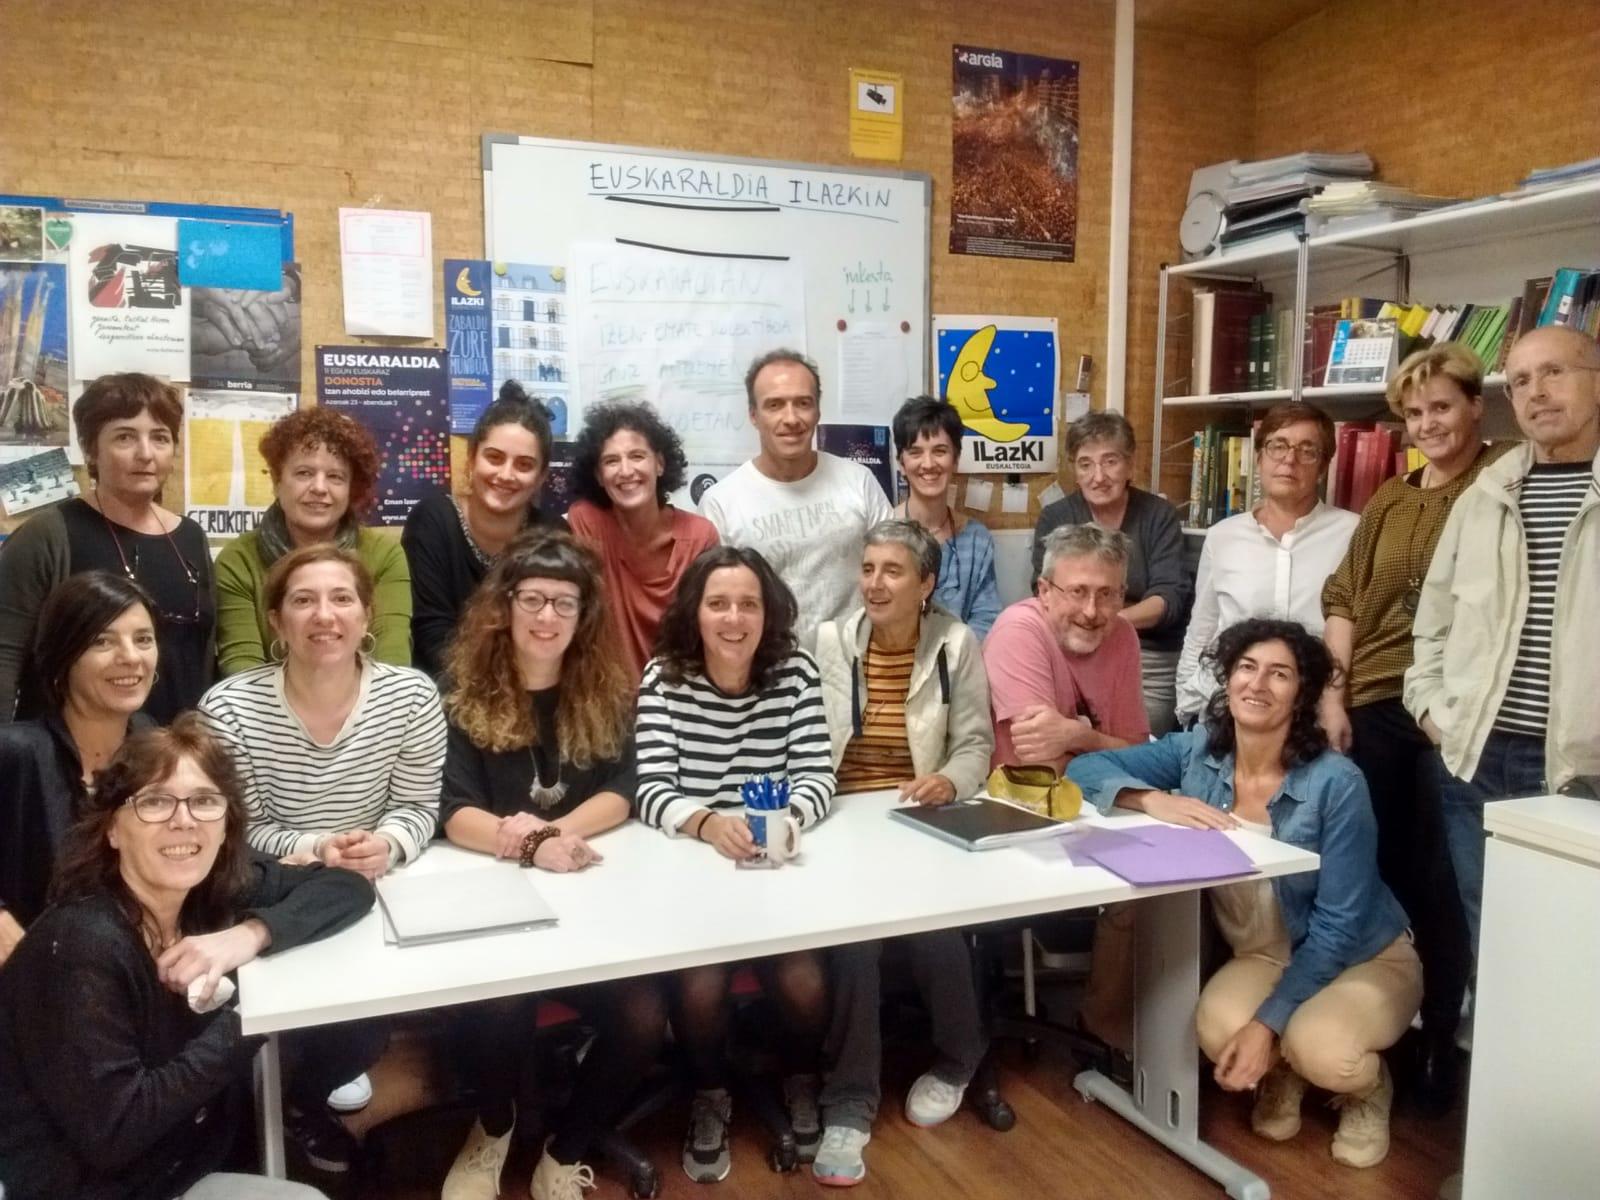 ILAZKI euskaltegia quiere ampliar su bolsa de profesores